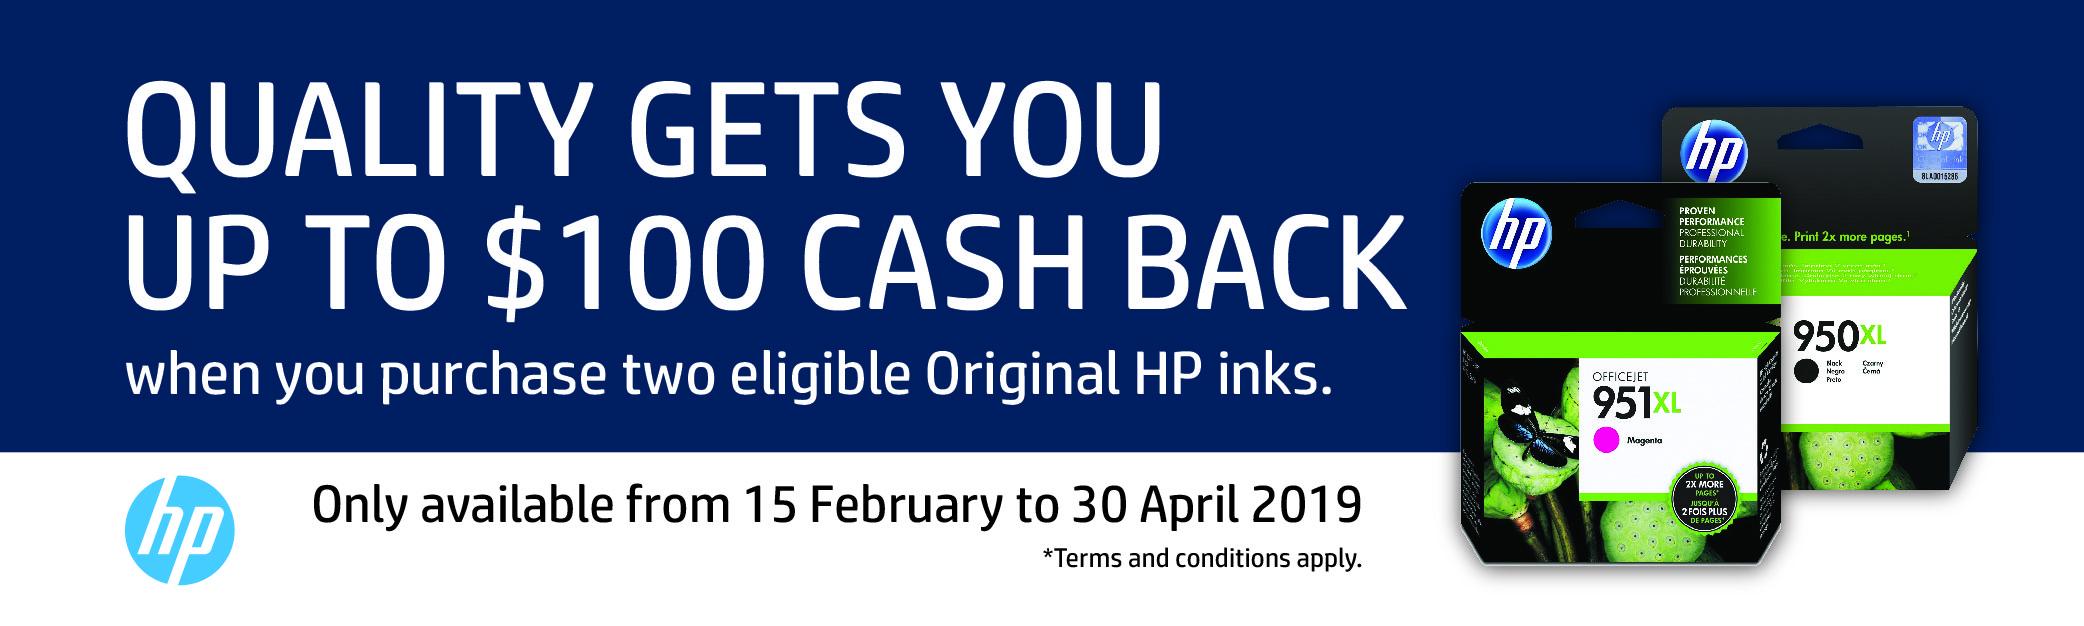 Up to $100 HP Original Ink Cash Back Promotion